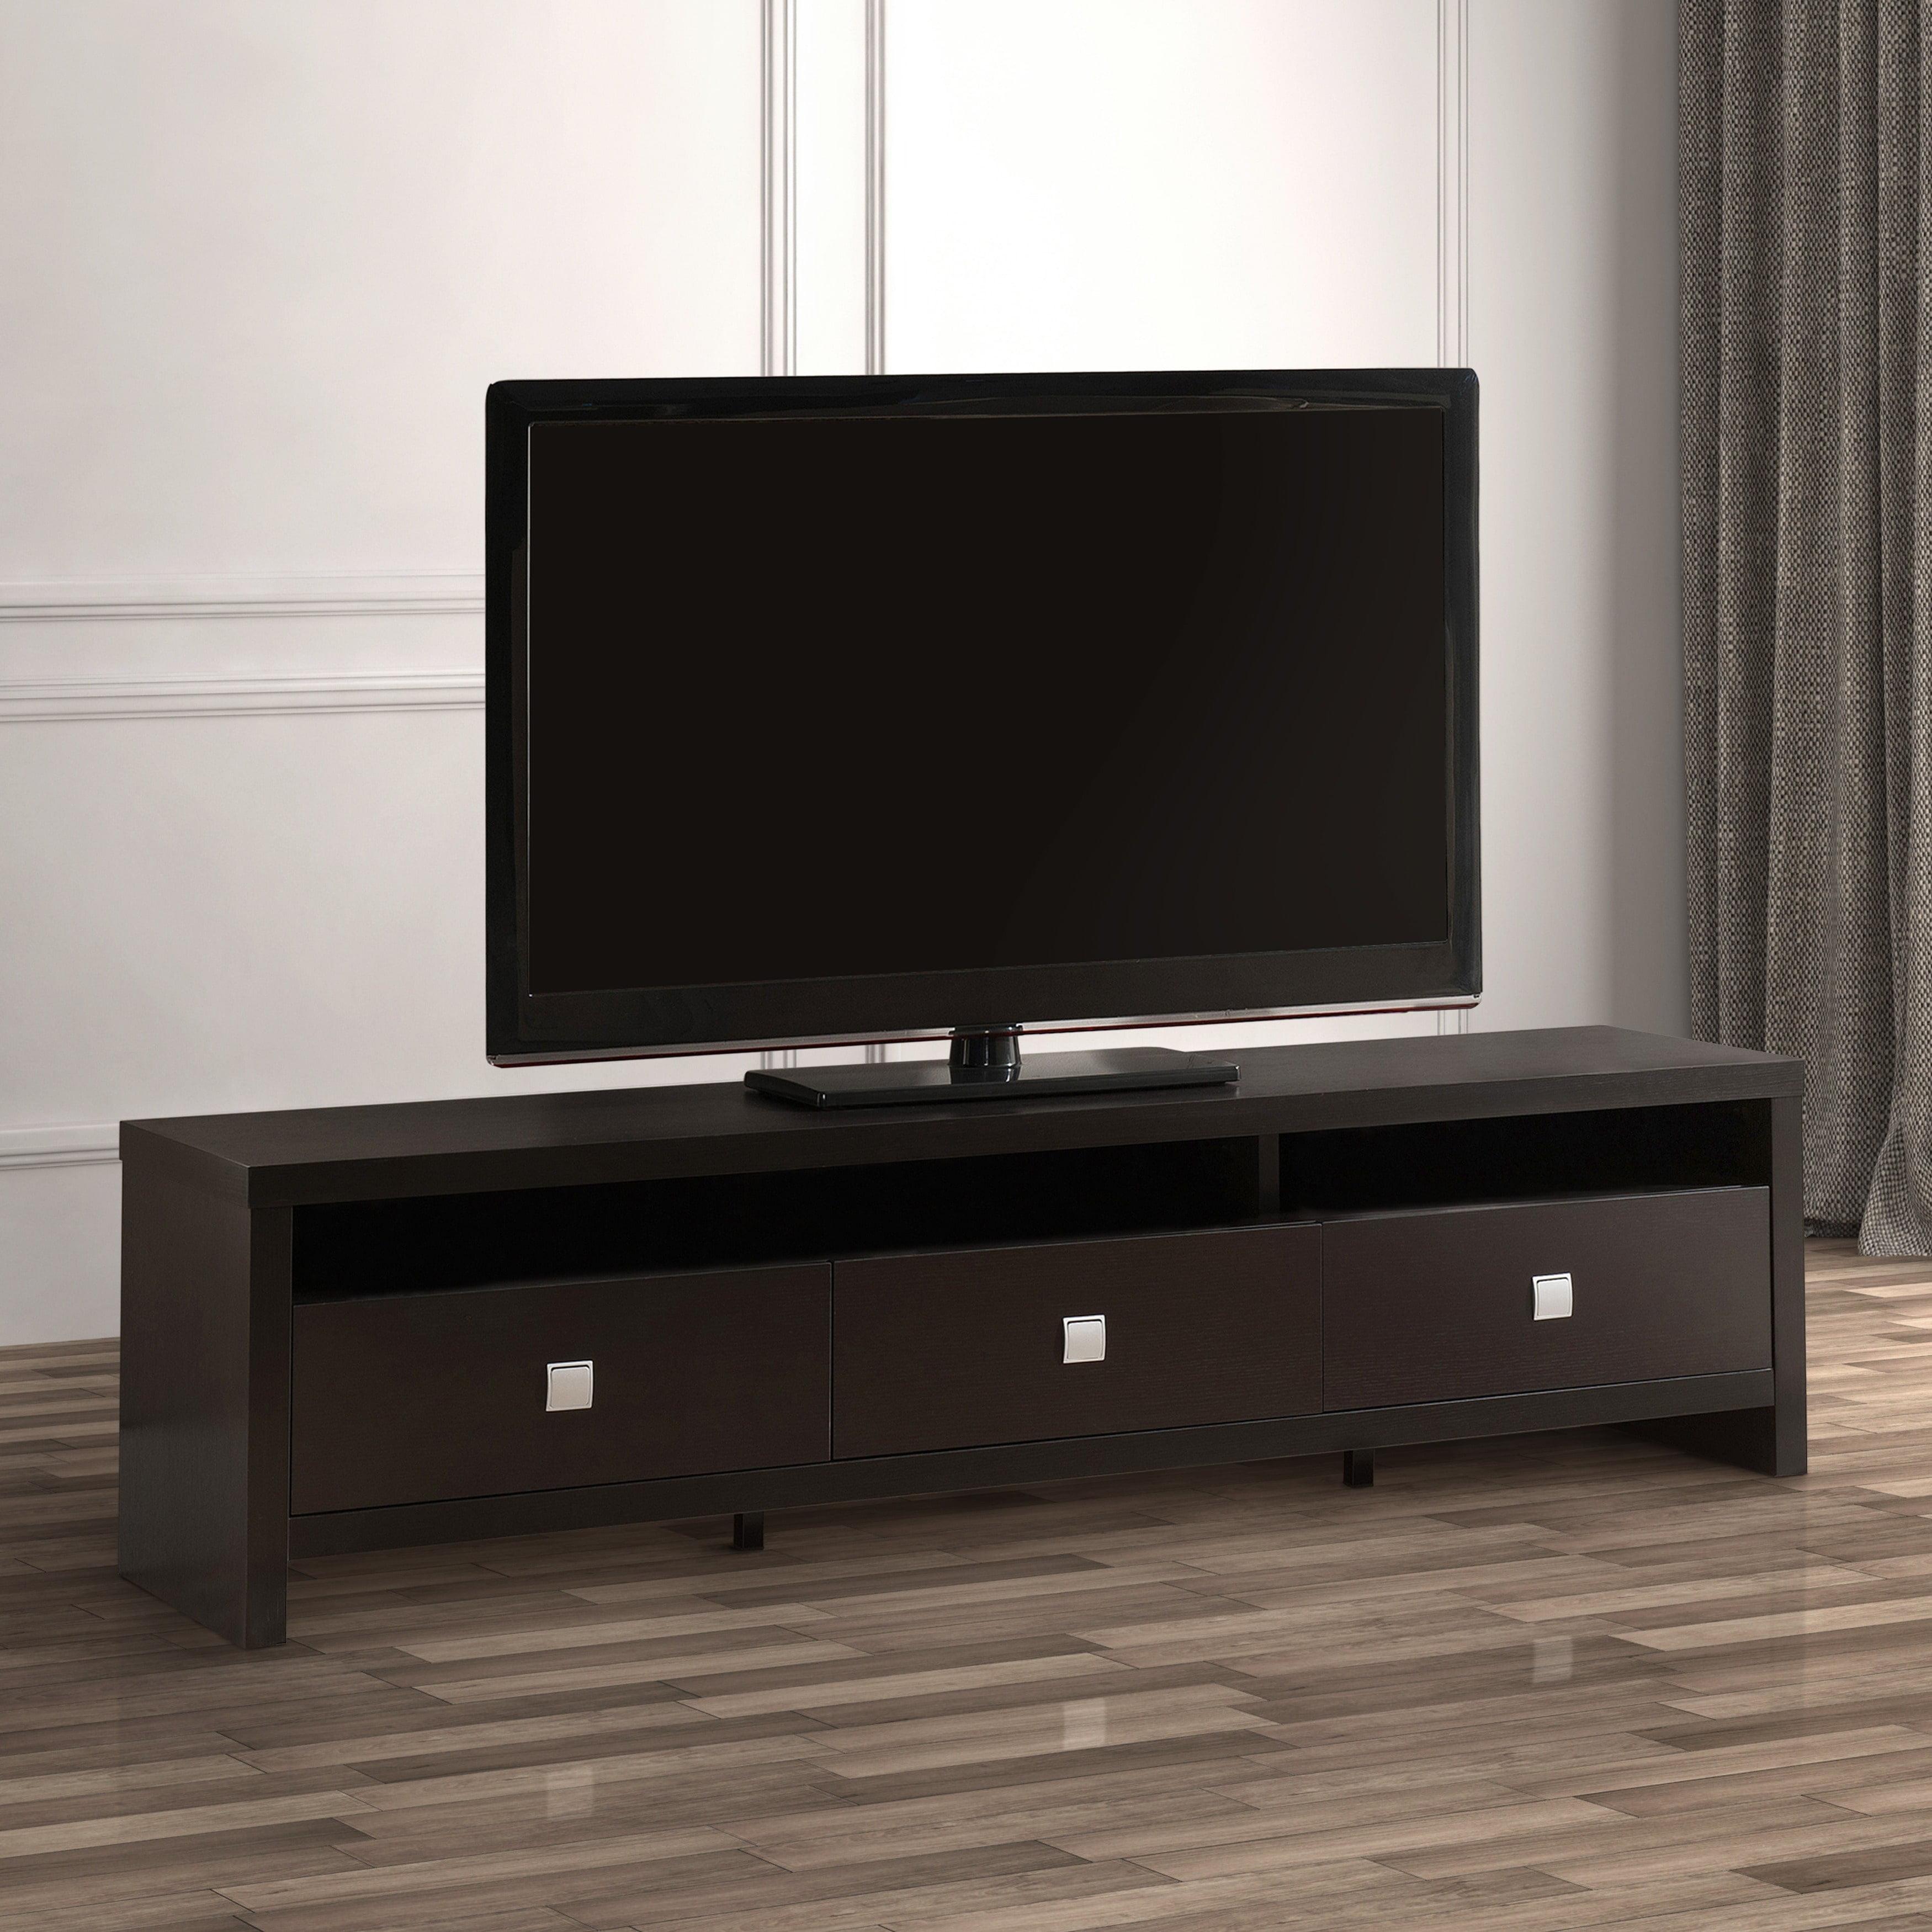 Furniture Of America Lisboa Ii Modern 72 Inch 3 Drawer Tv Stand